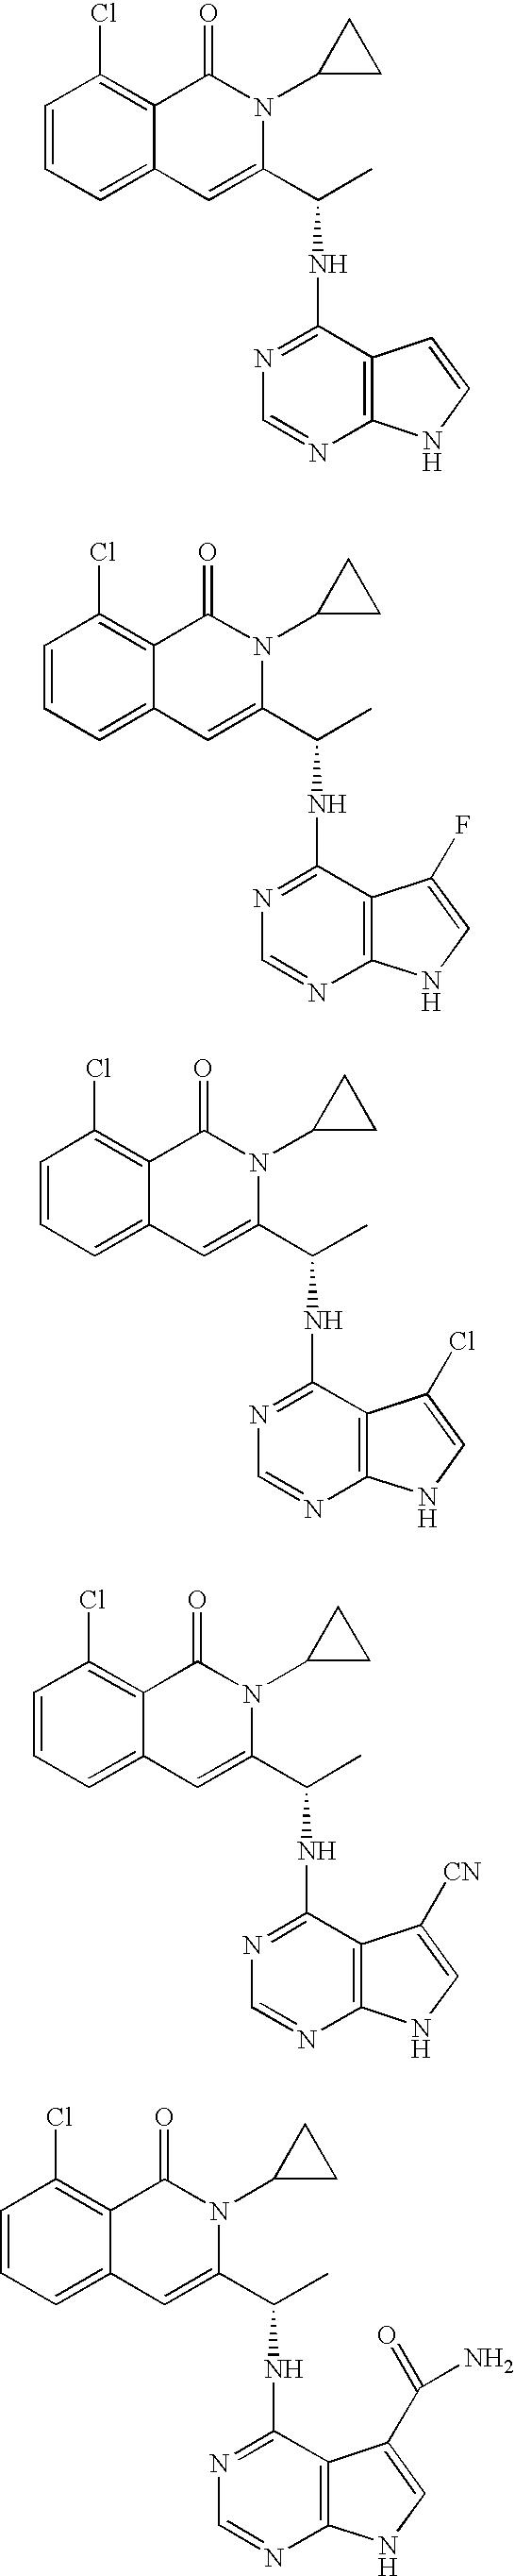 Figure US20090312319A1-20091217-C00282